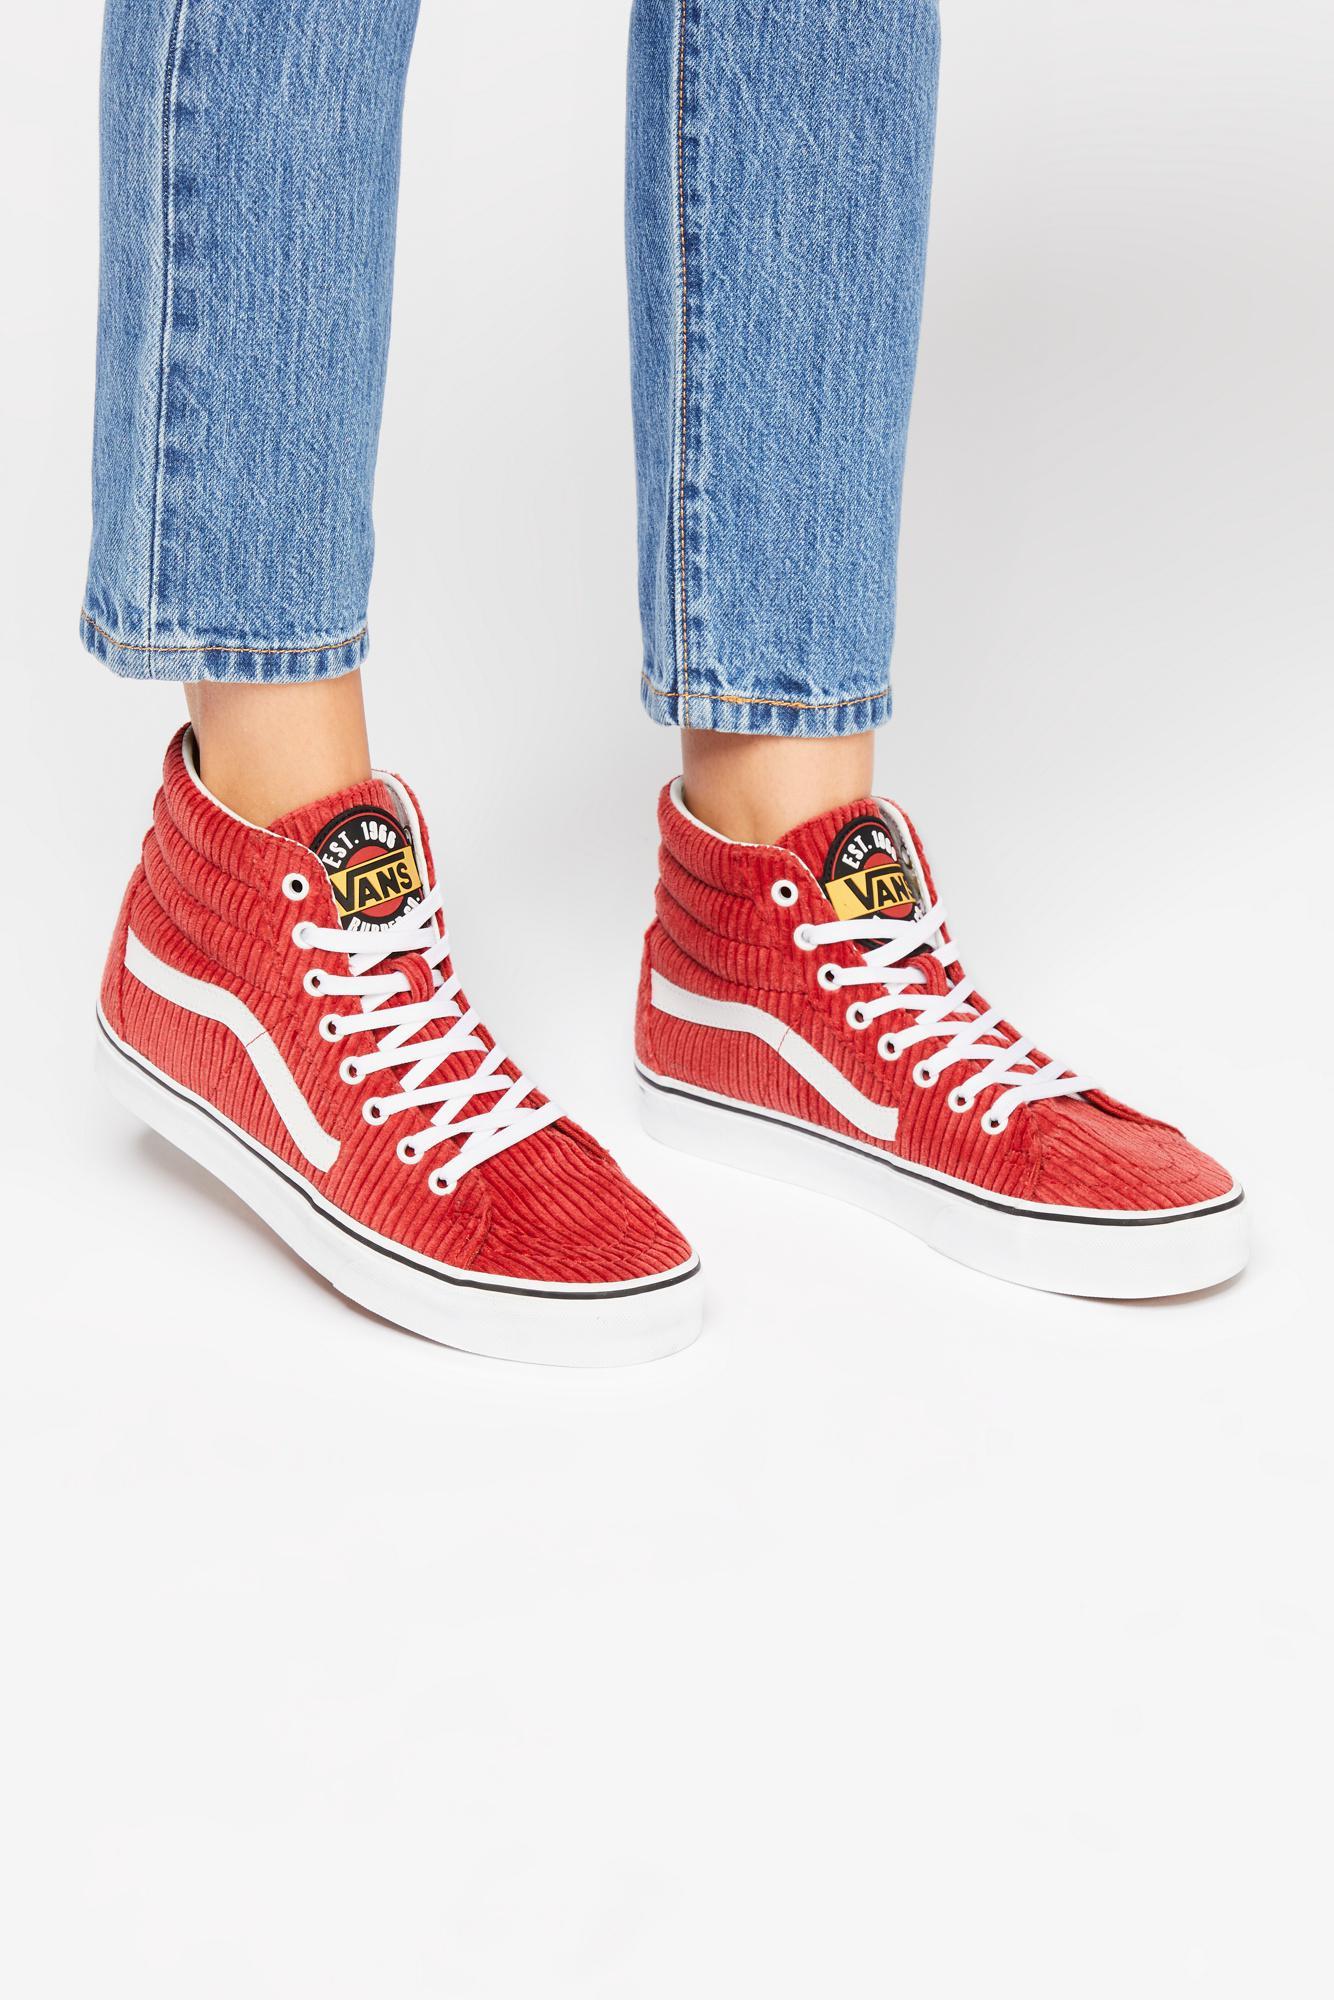 a8be2cdcb29cc6 Lyst - Free People Sk8-hi Corduroy Hi Top Sneaker By Vans in Orange